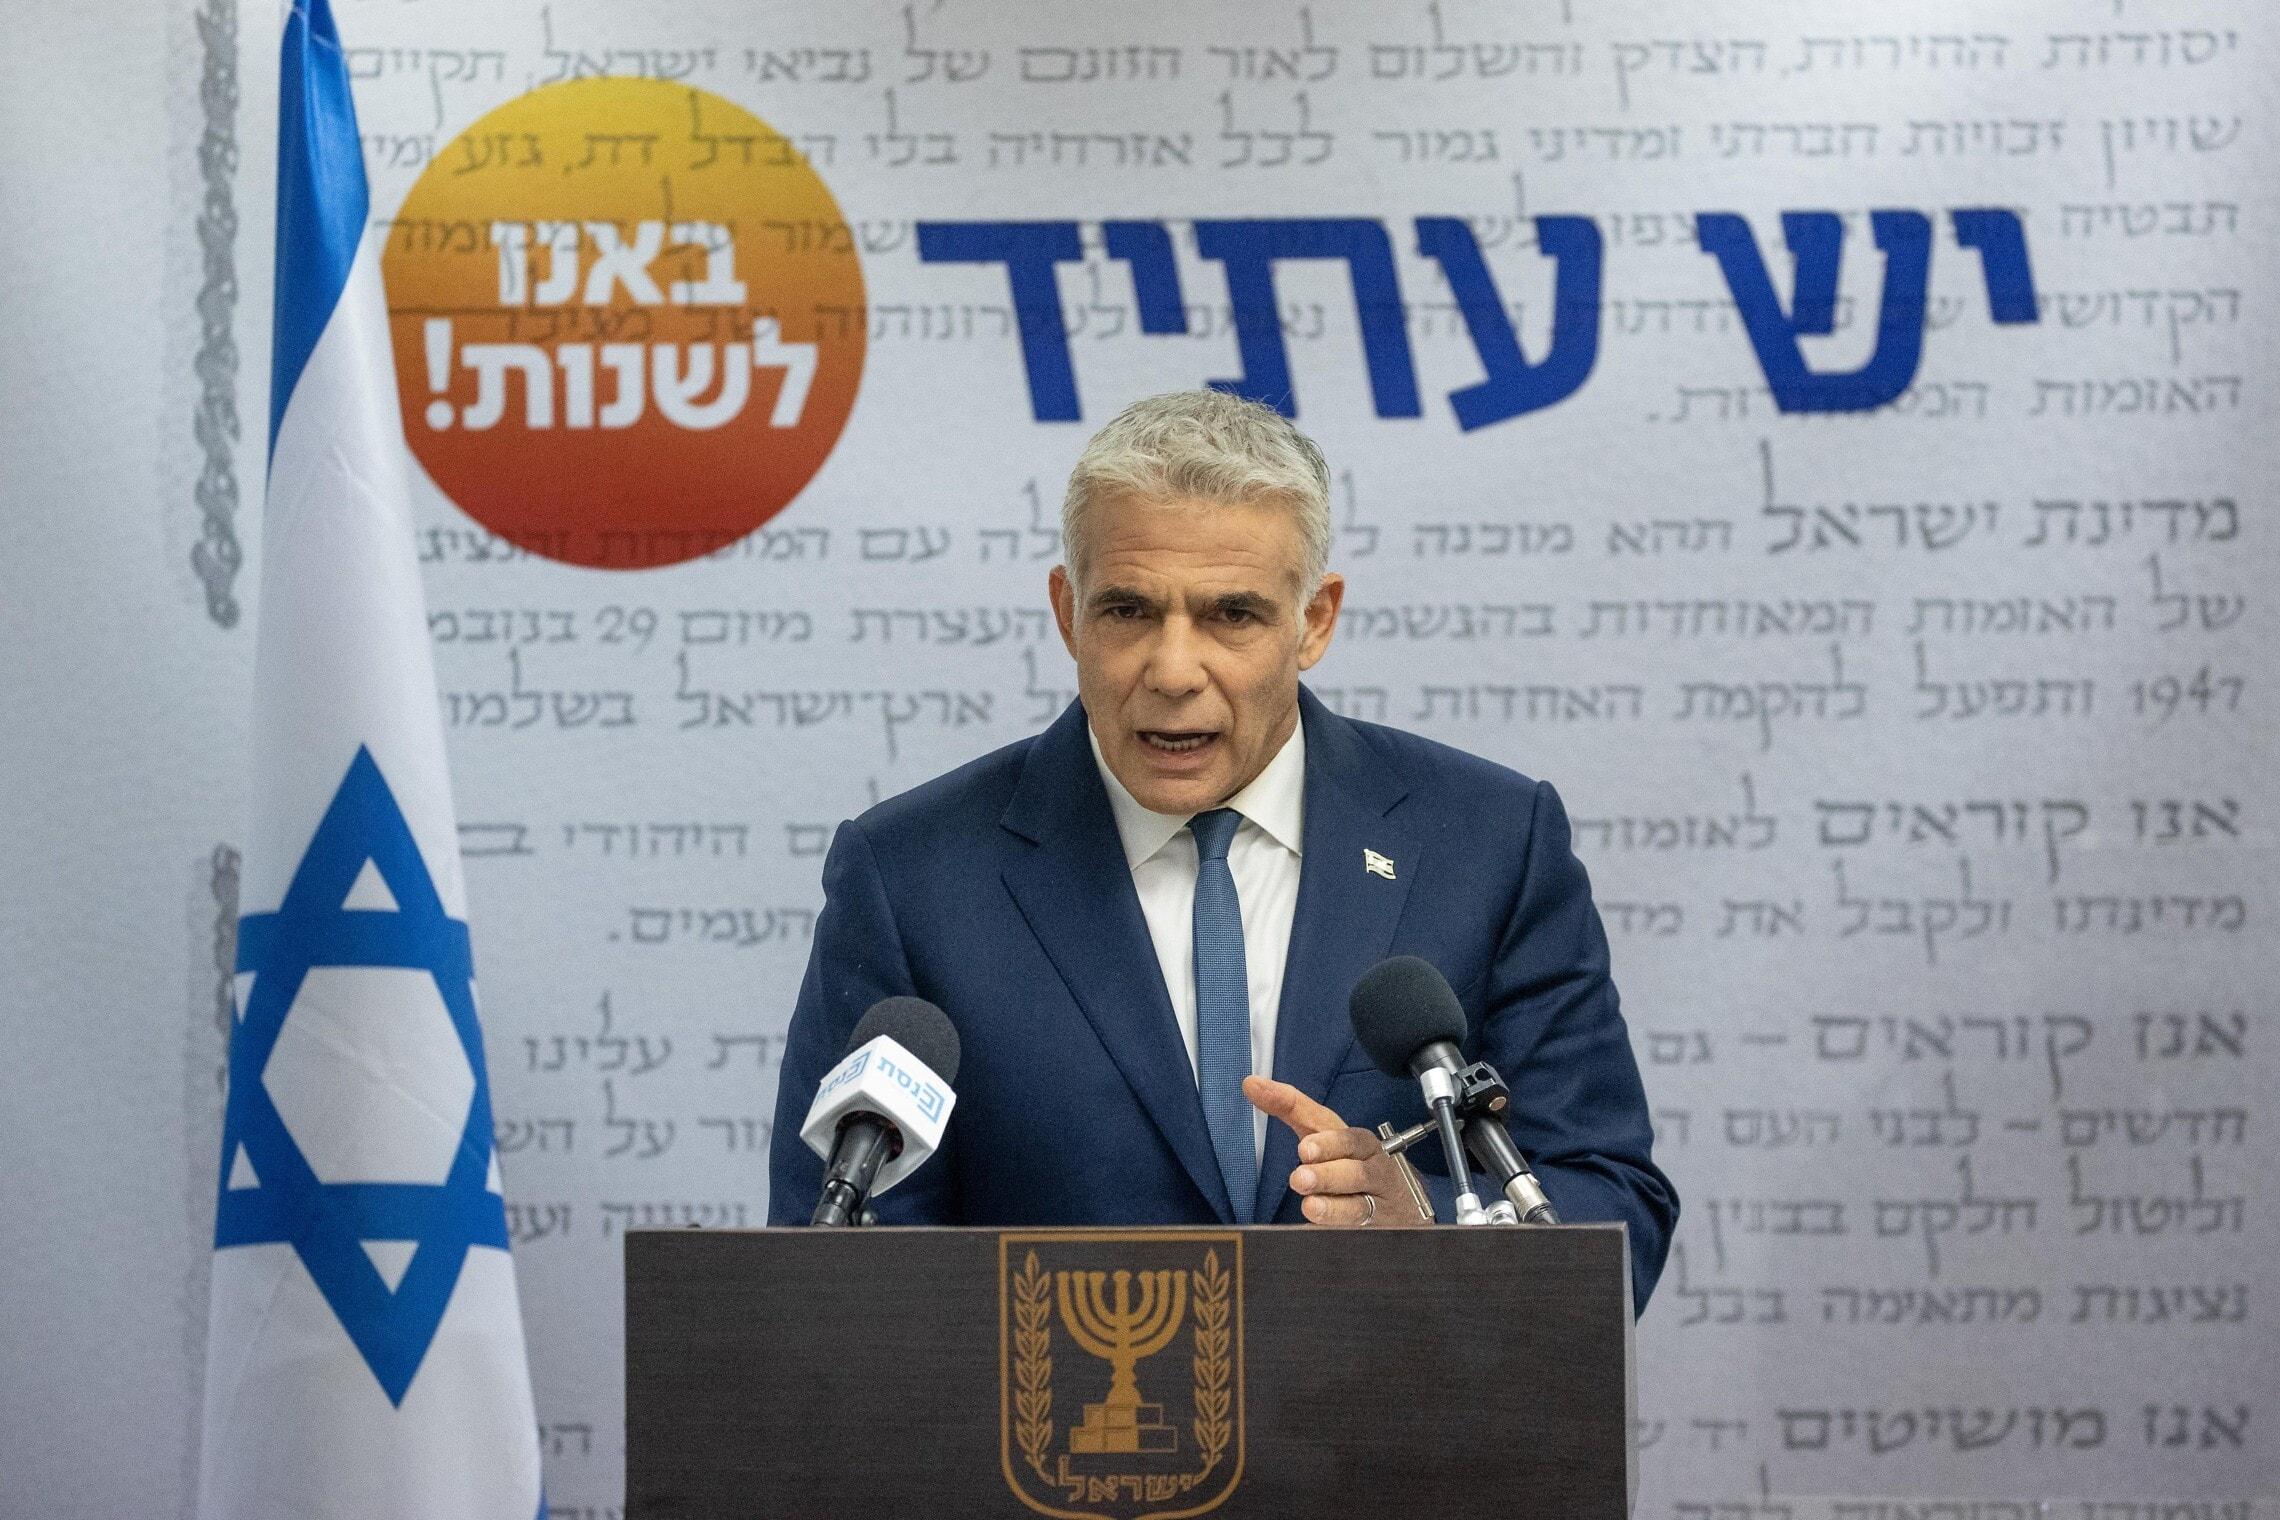 שר החוץ יאיר לפיד (צילום: יונתן זינדל, פלאש 90)